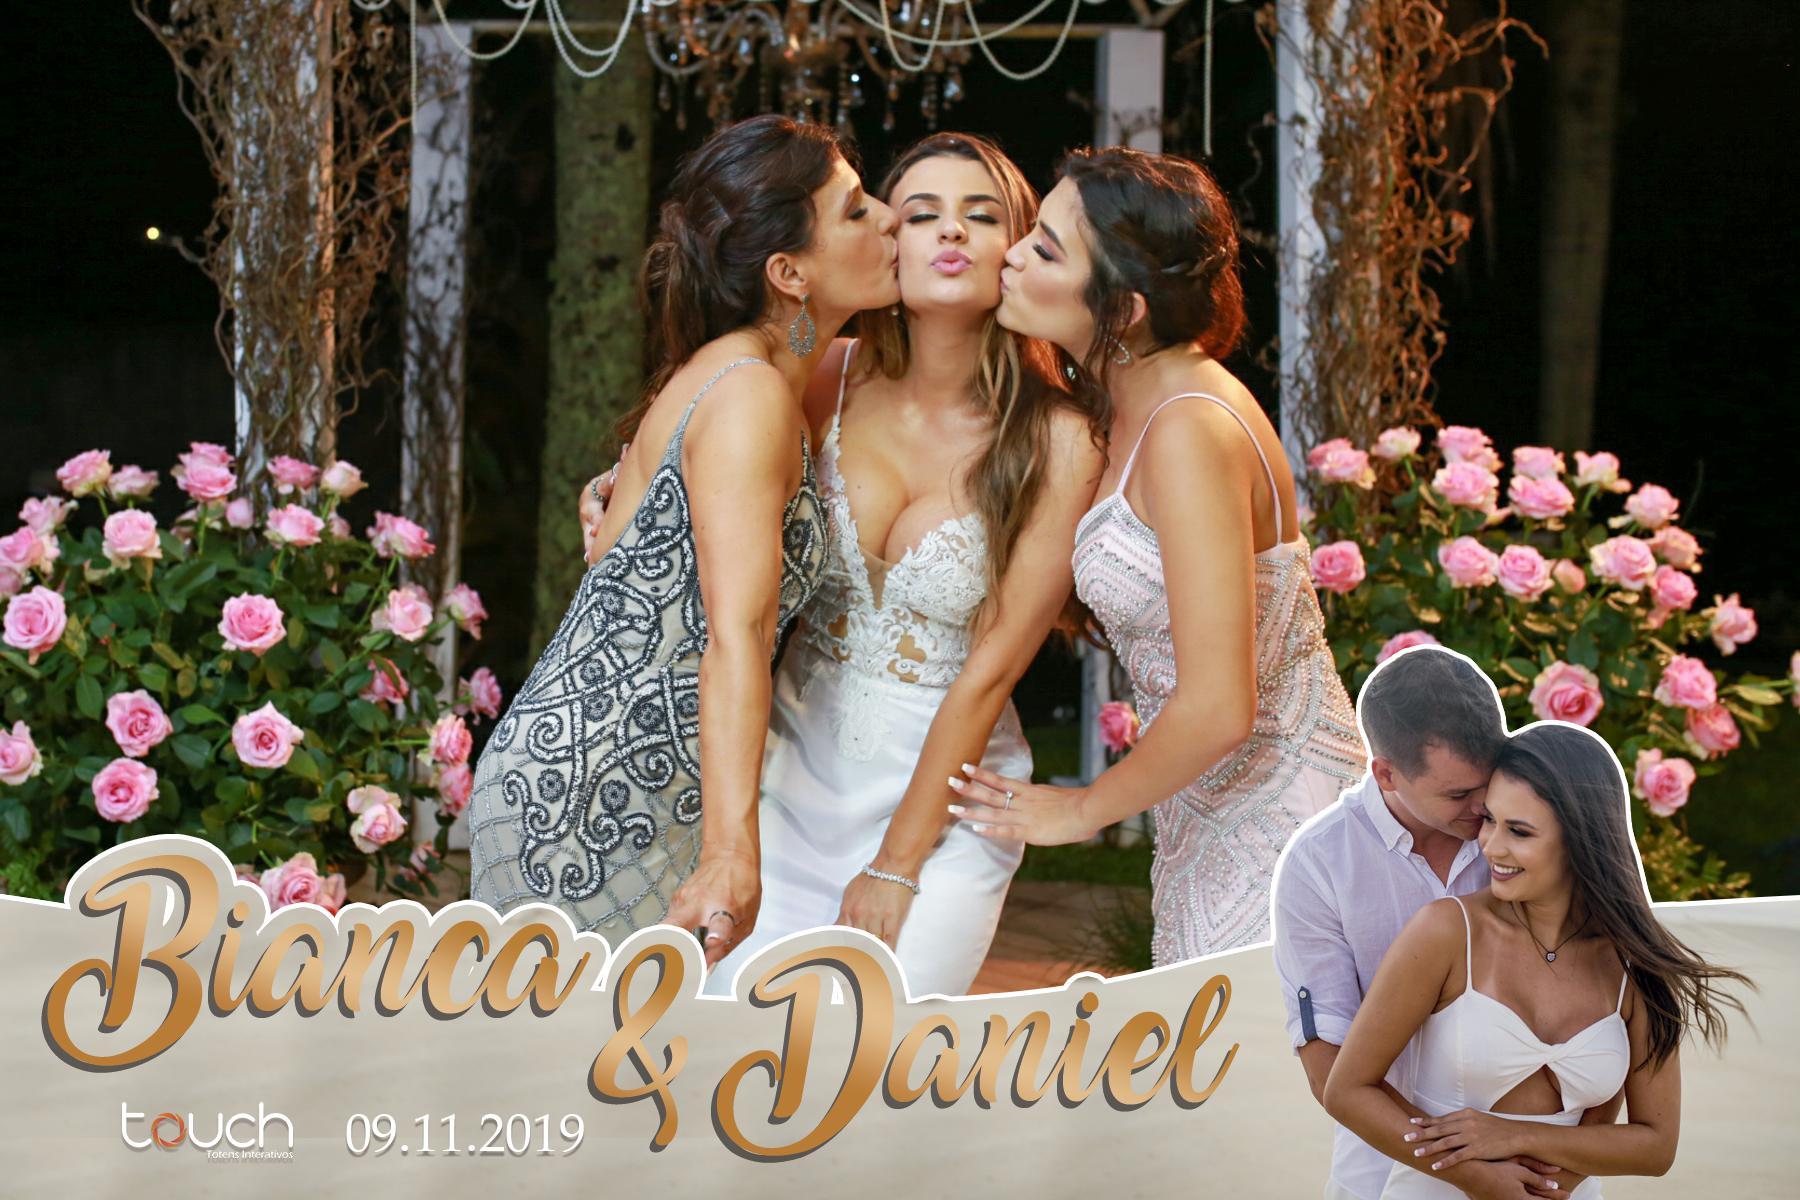 Casamento Bianca e Daniel